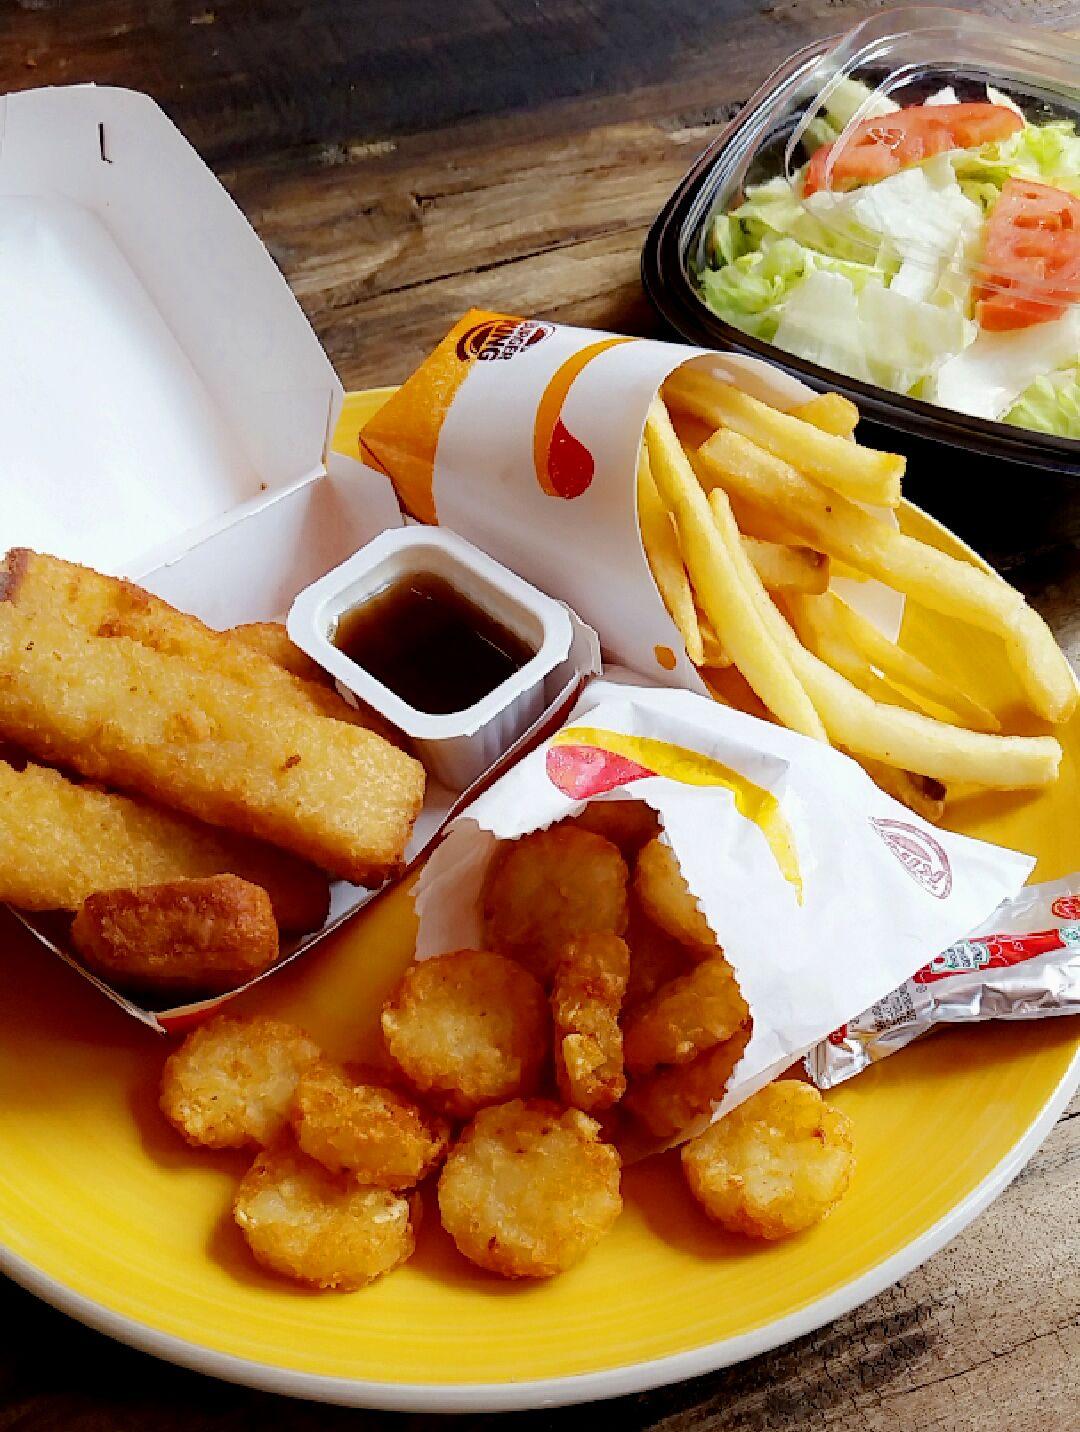 Guide To Eating Vegan At Burger King Peta2 Fast Healthy Meals Cheap Vegan Meals Vegan Fast Food